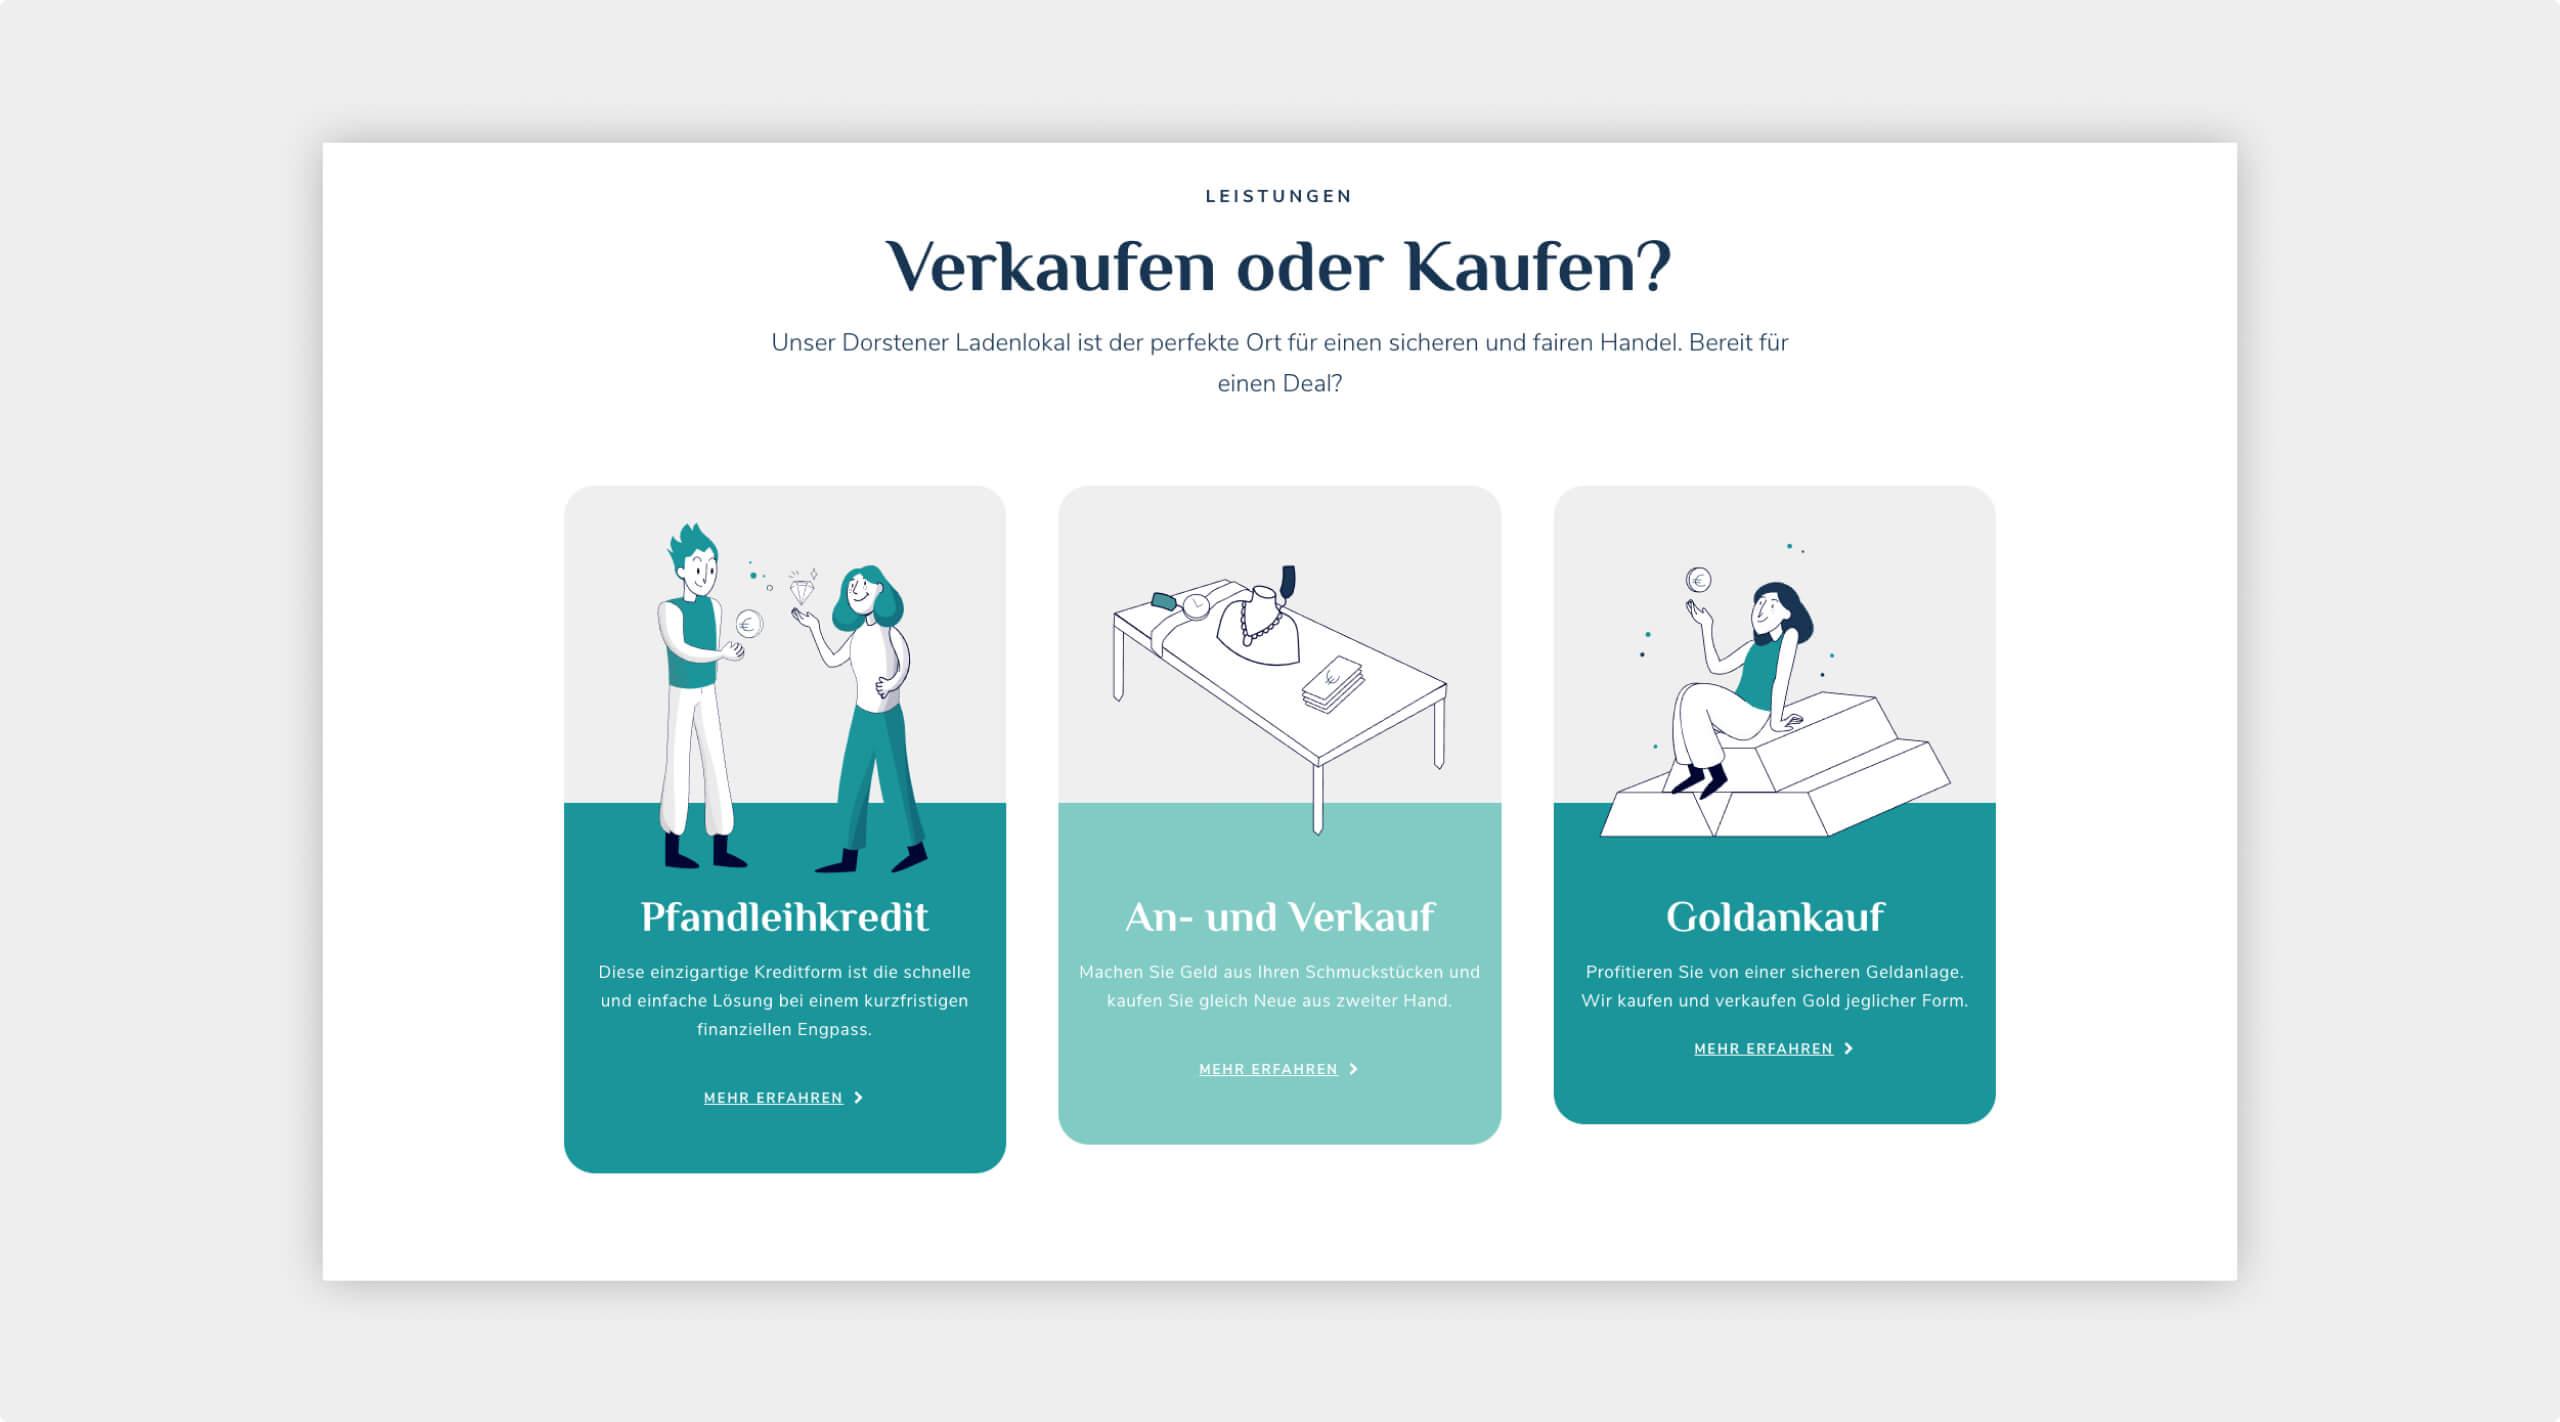 Screenshot der neuen Website von Luxus Spot zu den Leistungen in 3-spaltigem Layout mit Grafiken zu jedem Bereich.